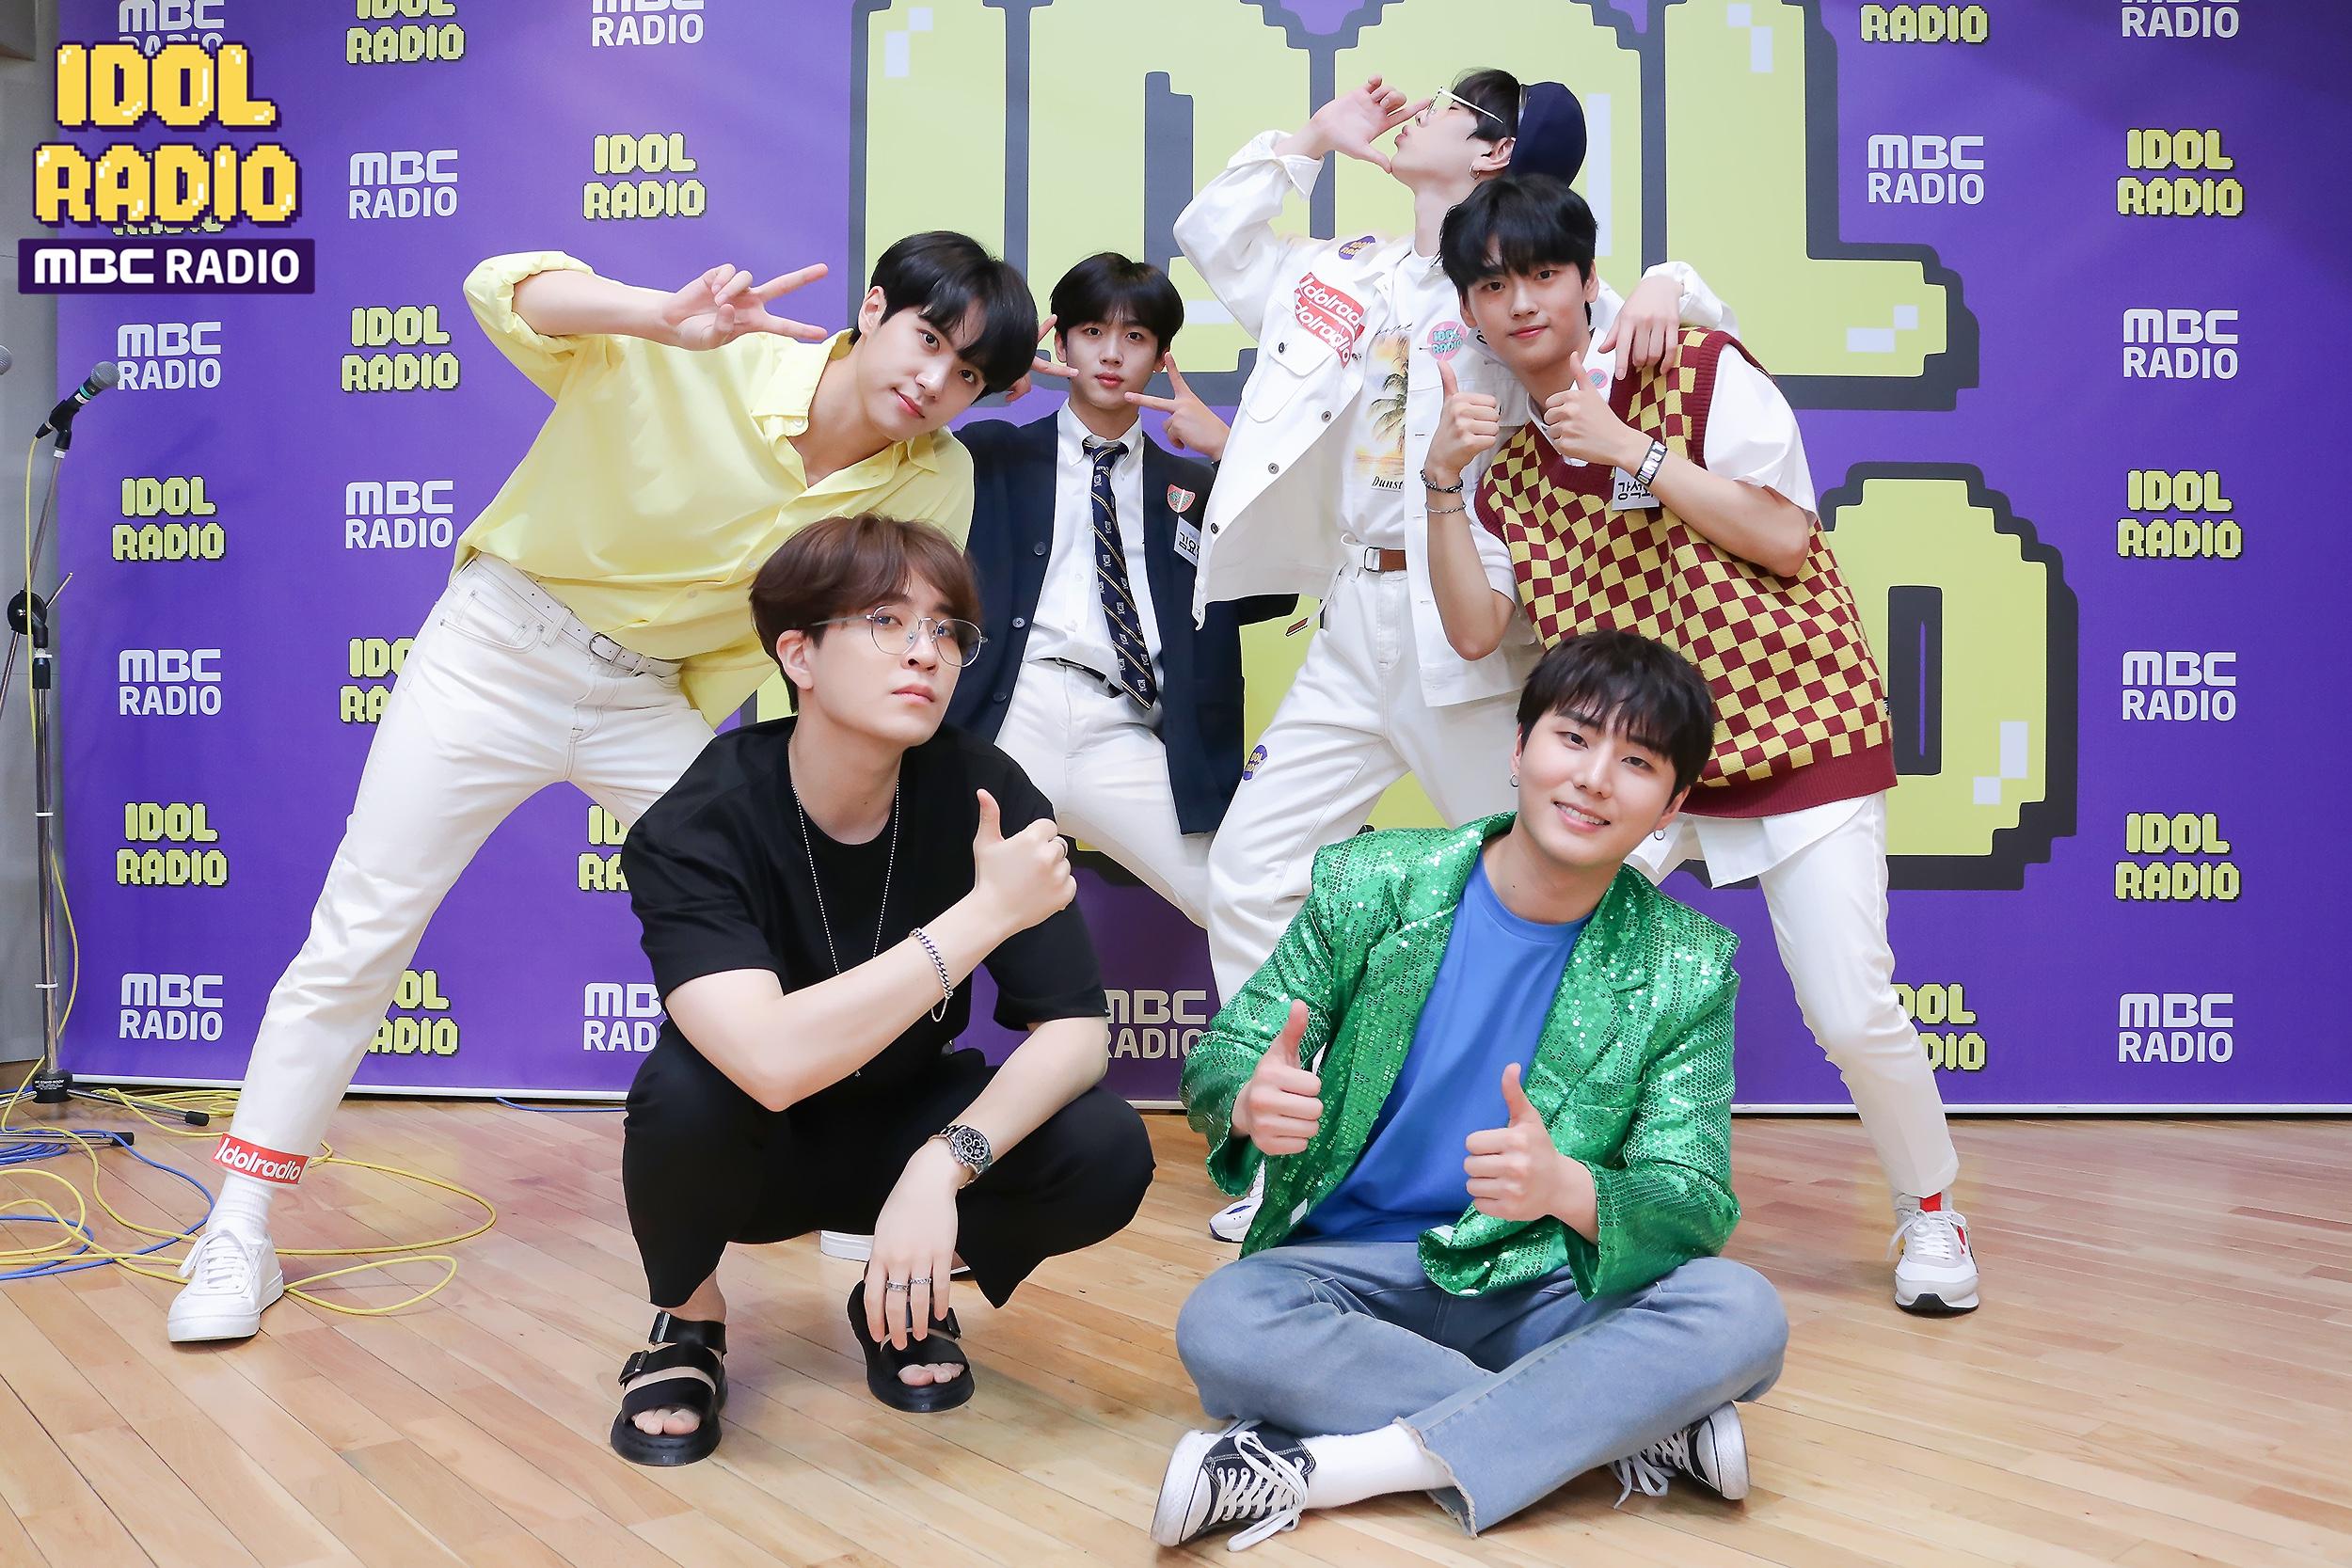 OUI Boys Kim Yohan, Kim Donghan, Jang Dae Hyeon and Kang Seok Hwa with Idol Radio DJs, Youngjae and YoungK